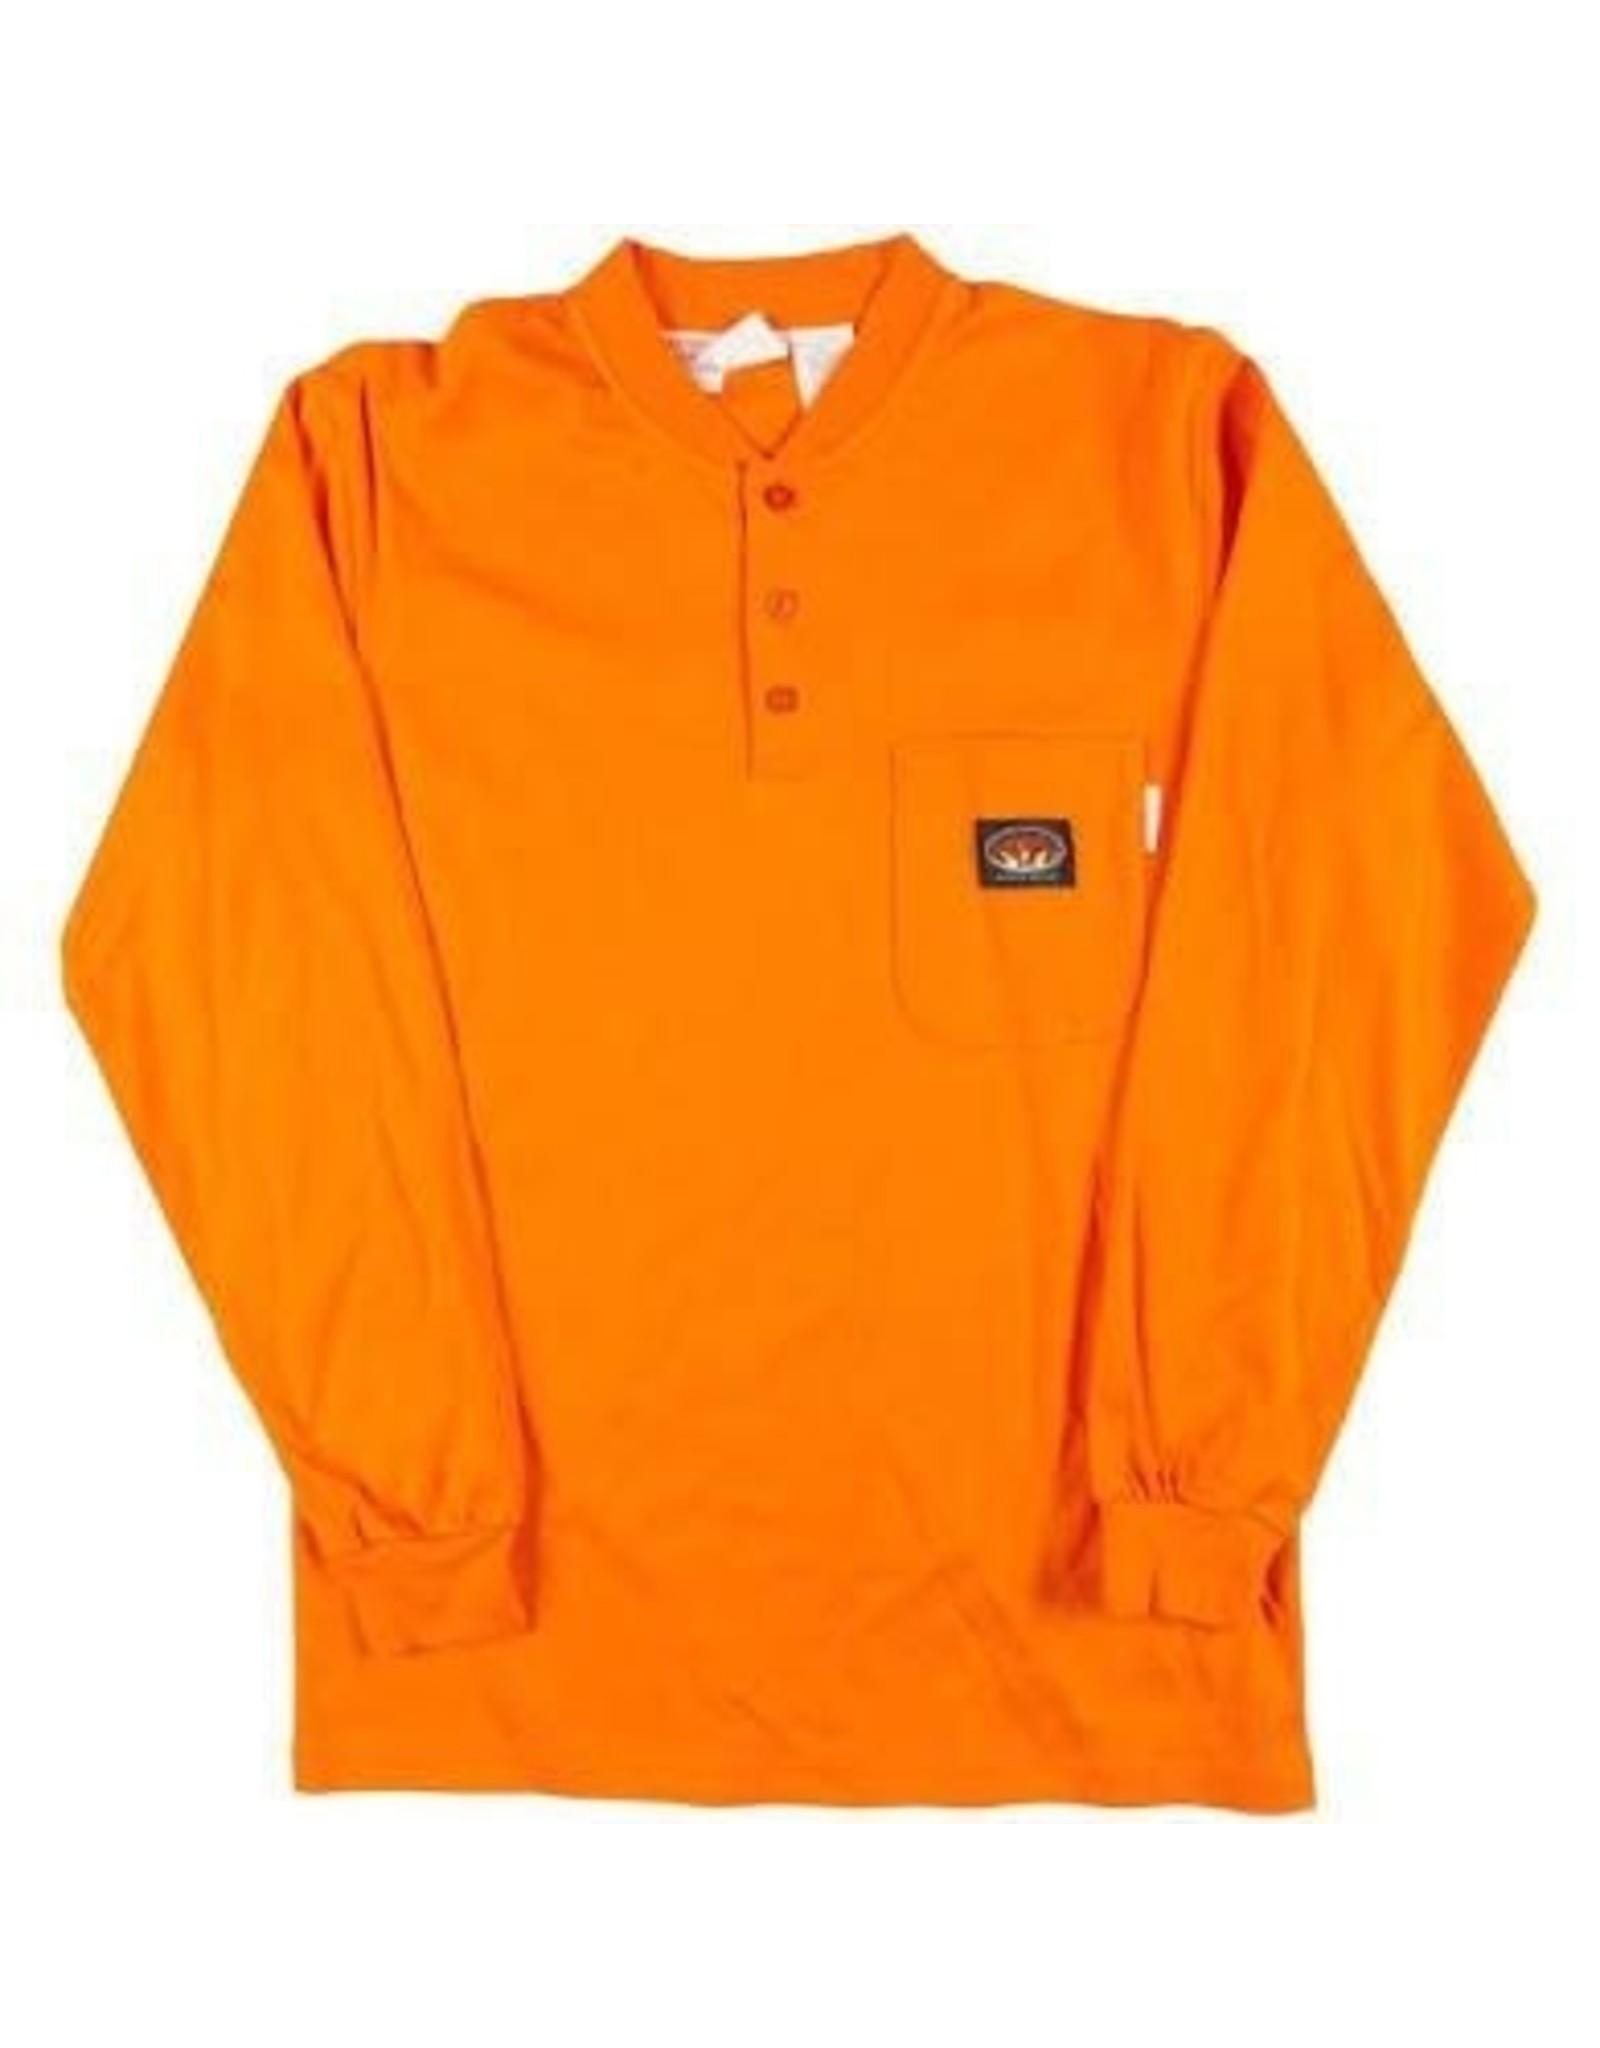 Tops-Men RASCO FR0101OR Henley T-Shirt